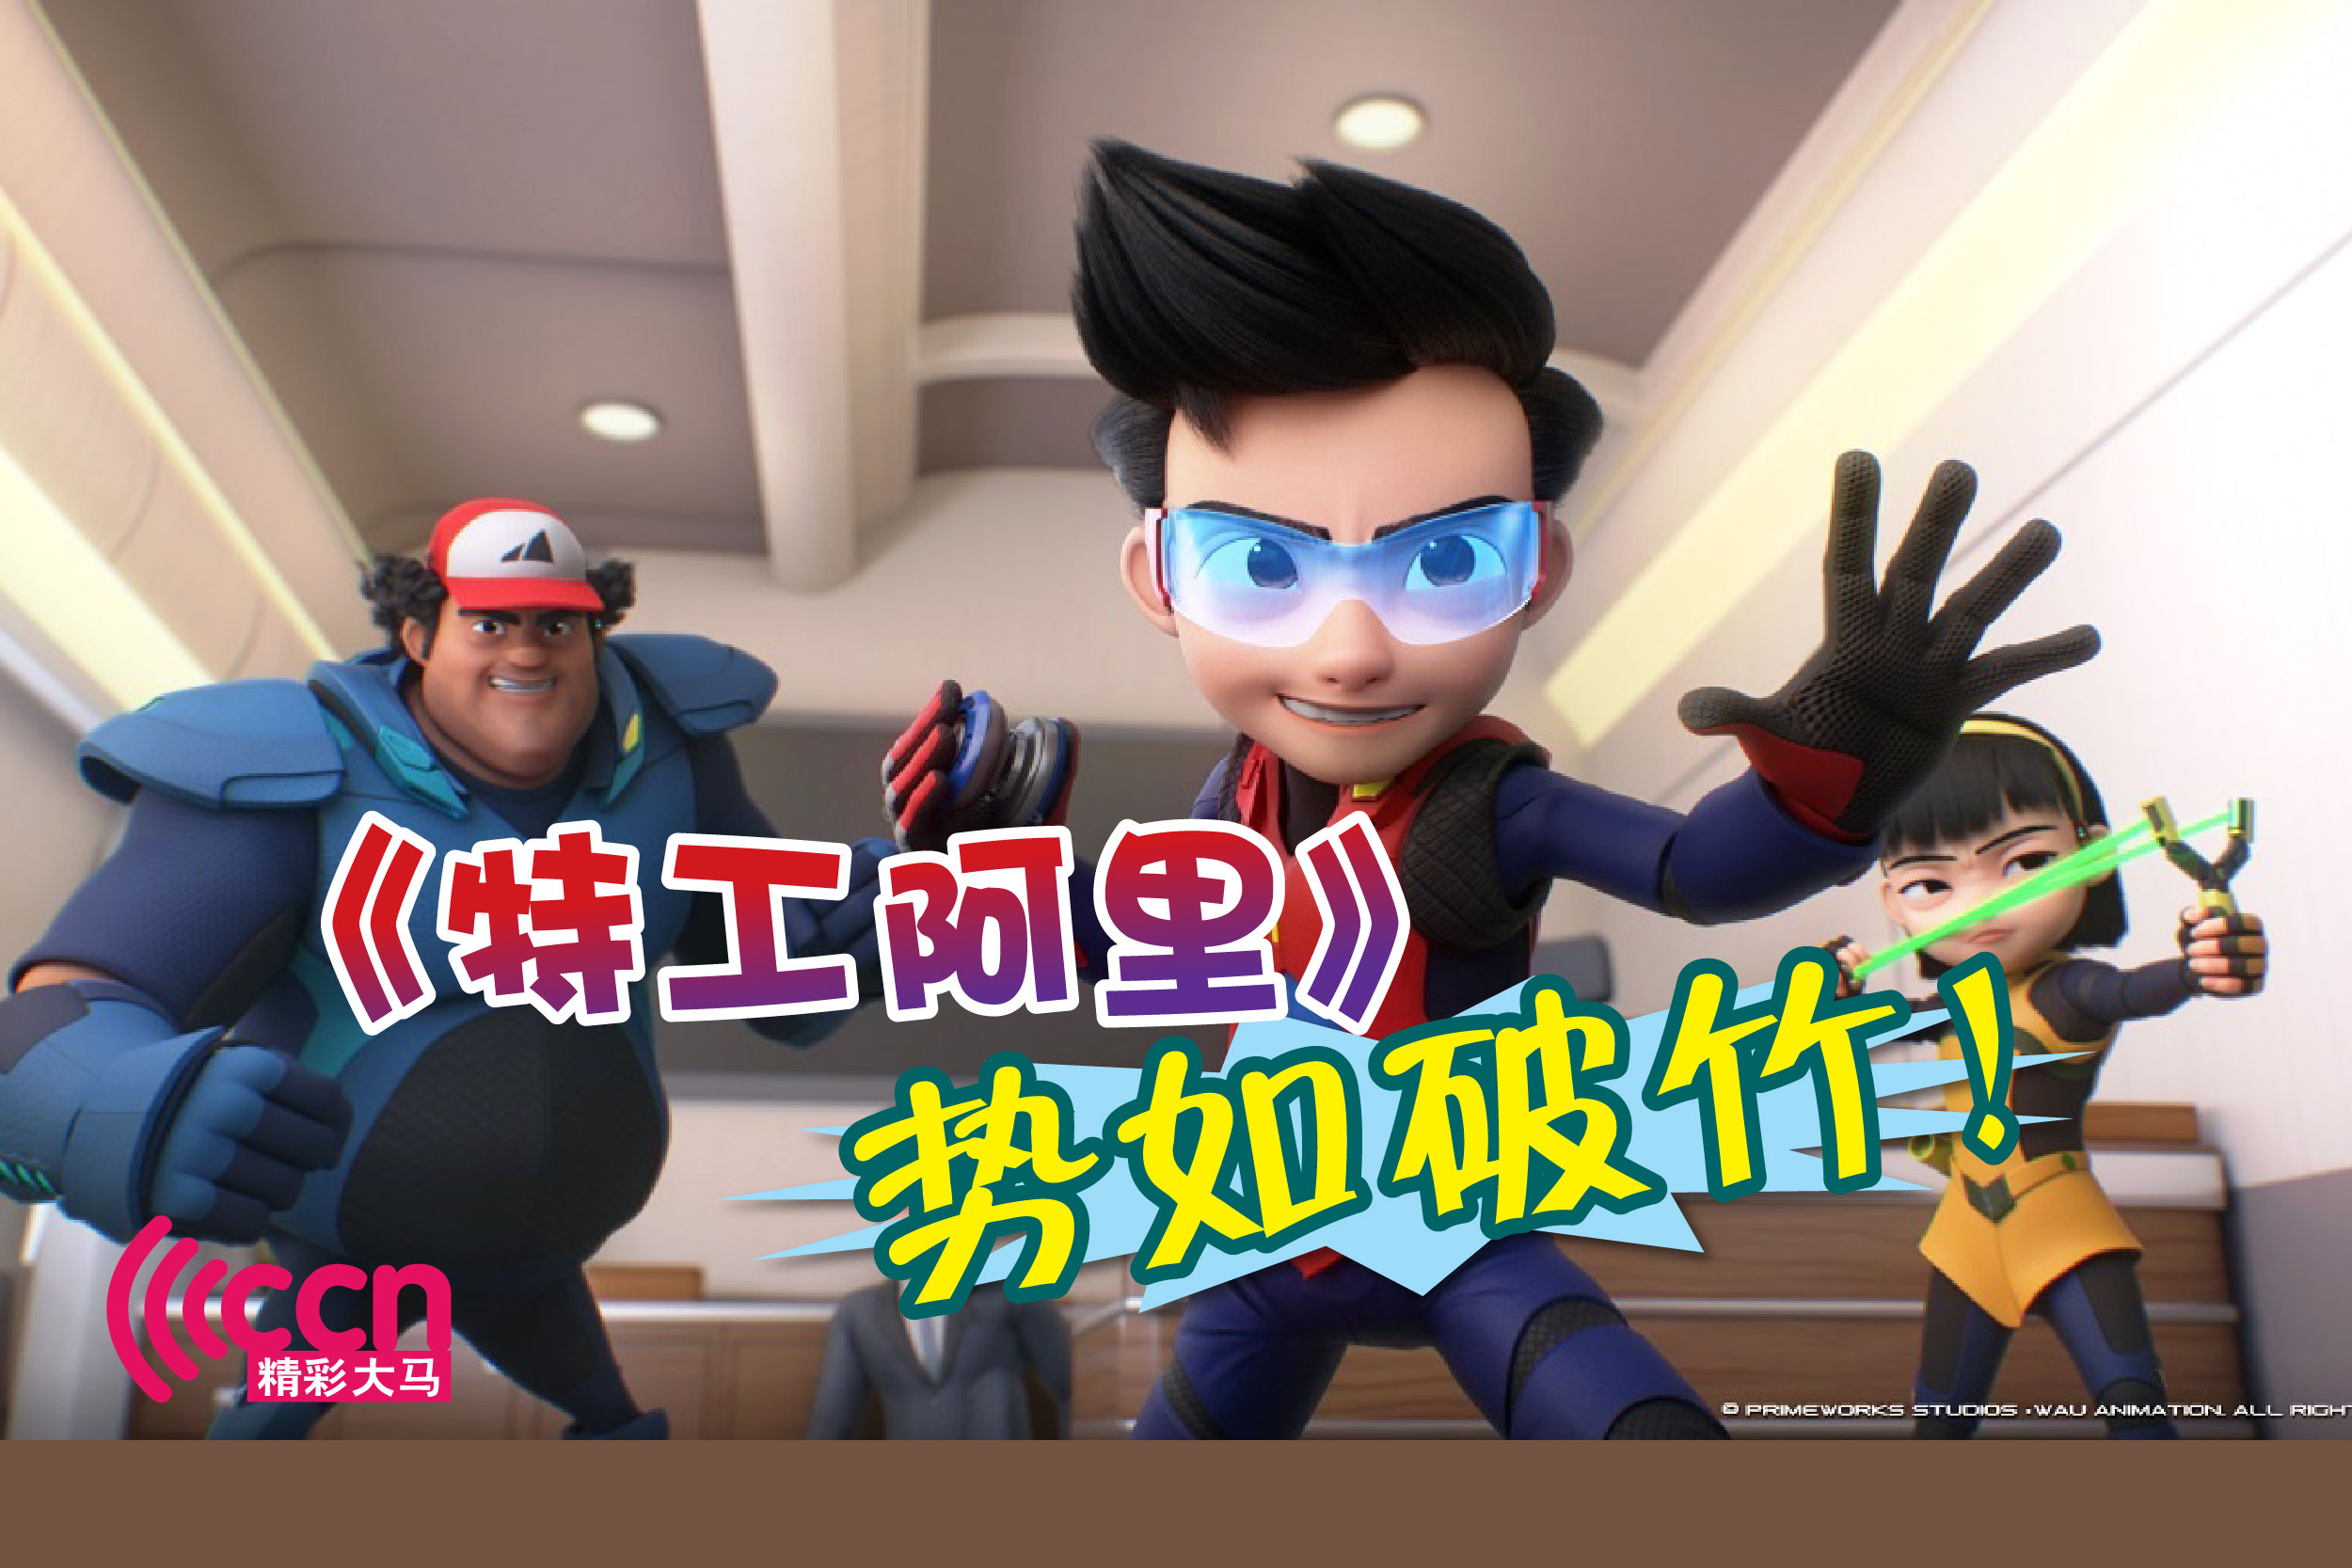 马来本地动画电影《特工阿里(Ejen Ali The Movie)》上映三天就狂收640万票房。-Primeworks Studios Wau Animations提供/精彩大马制图-